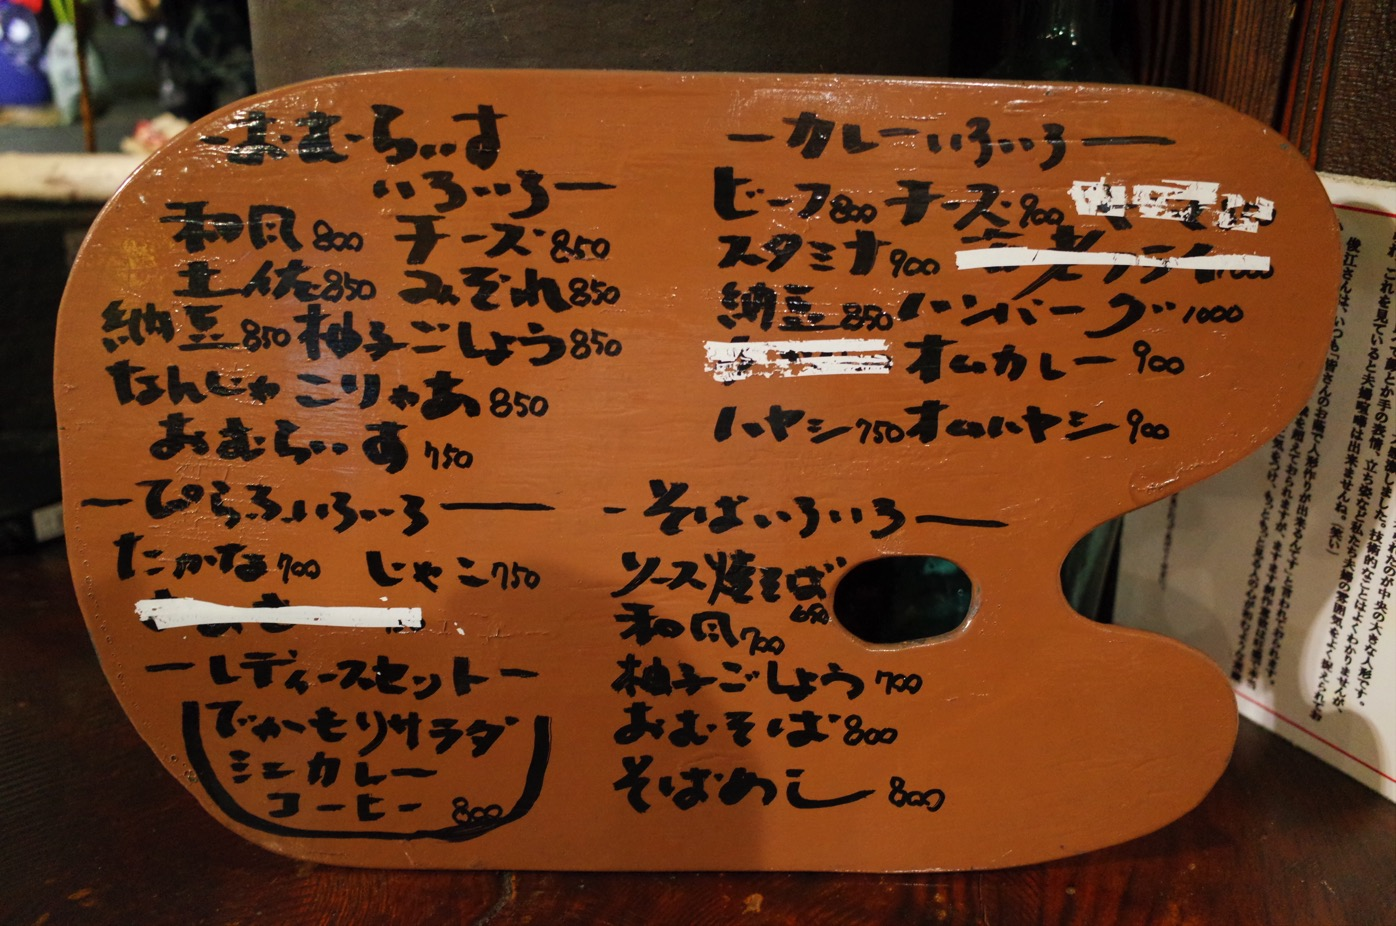 茶房幸-5 メニュー1